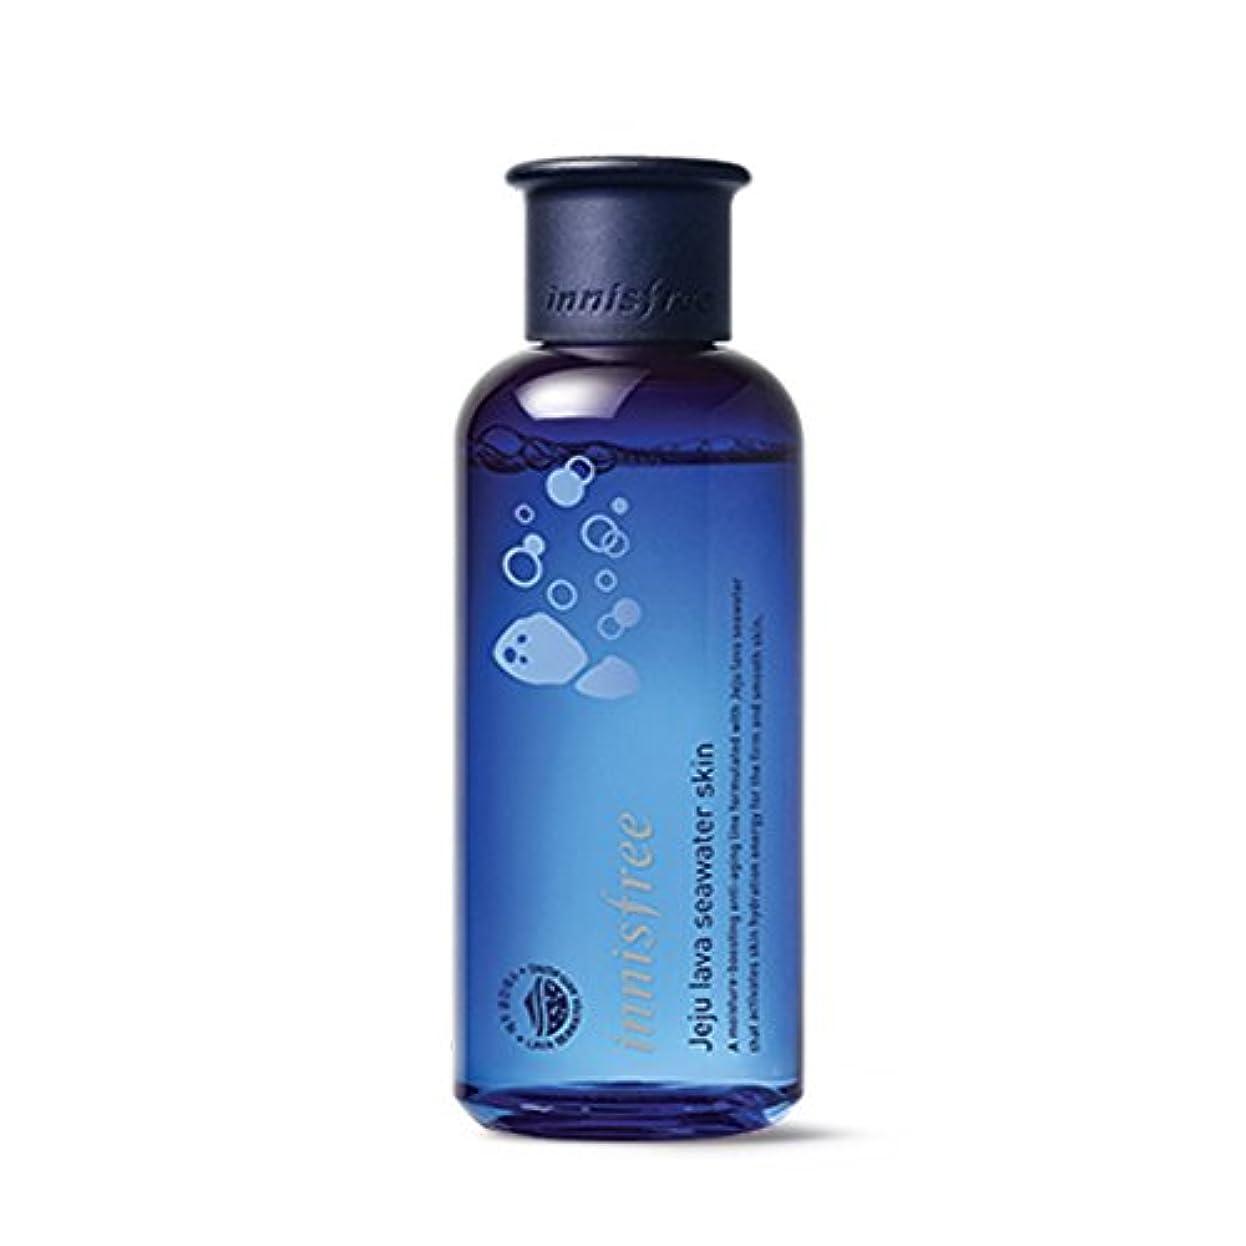 ピニオン小包漏れイニスフリージェジュラブシーウォータースキン(トナー)200ml Innisfree Jeju Lava Seawater Skin(Toner) 200ml [外直送品][並行輸入品]